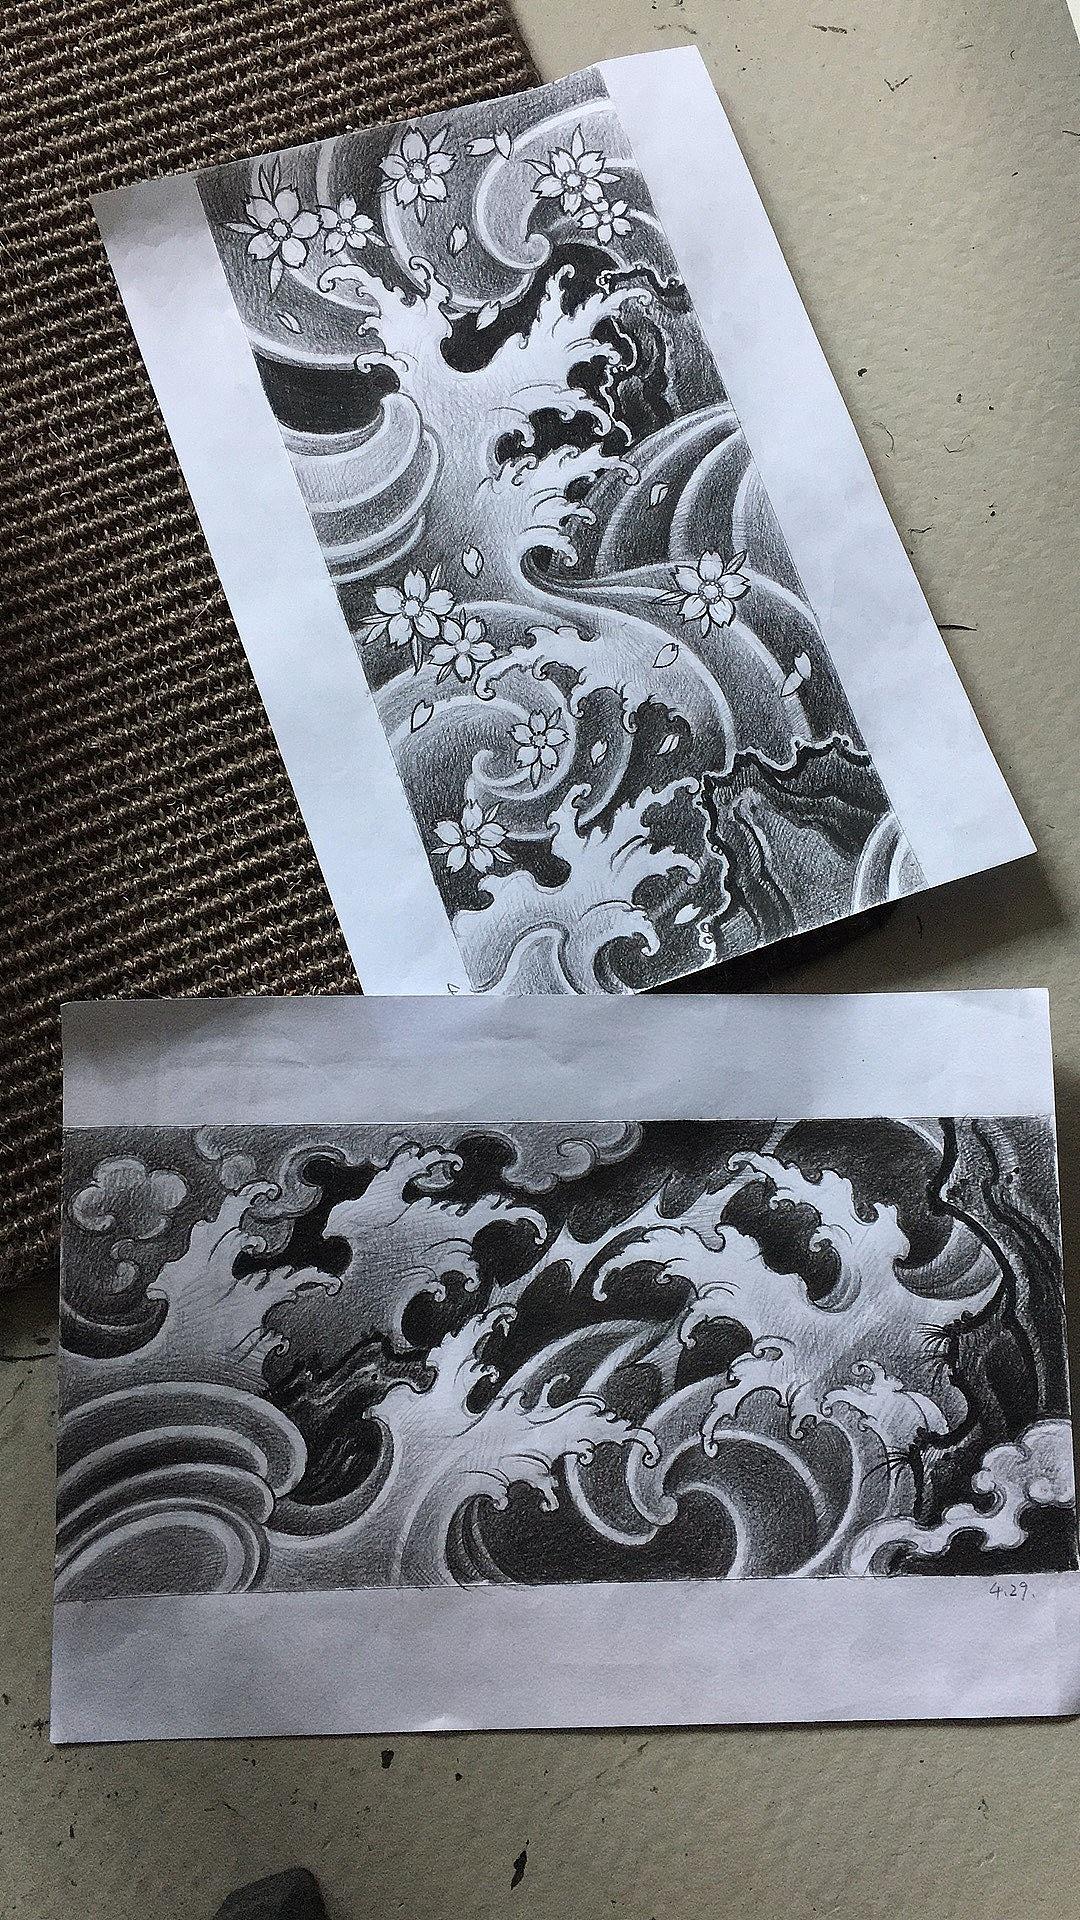 浪臂紋身手稿 - 原創作品 - 站酷(zcool)圖片